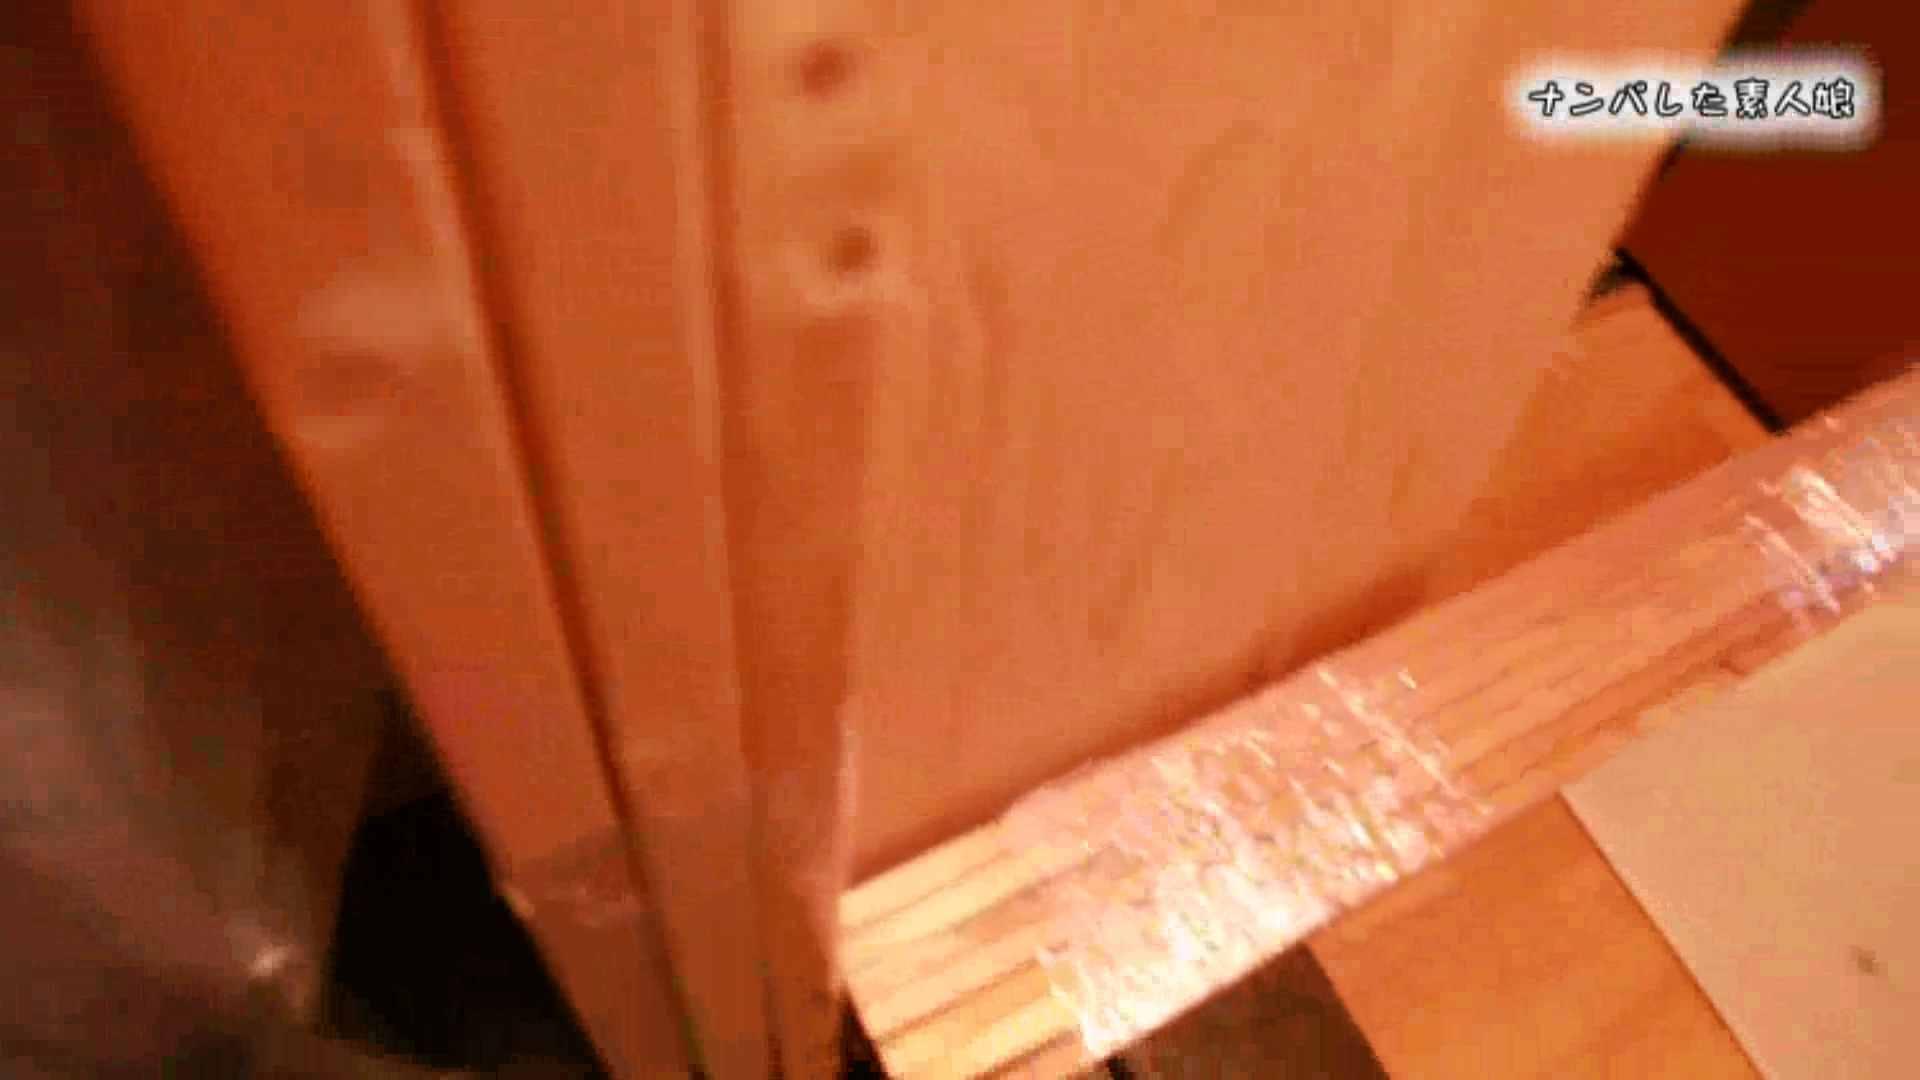 電魔王さんの「隠撮の部屋」アイカ ギャル エロ画像 103枚 102